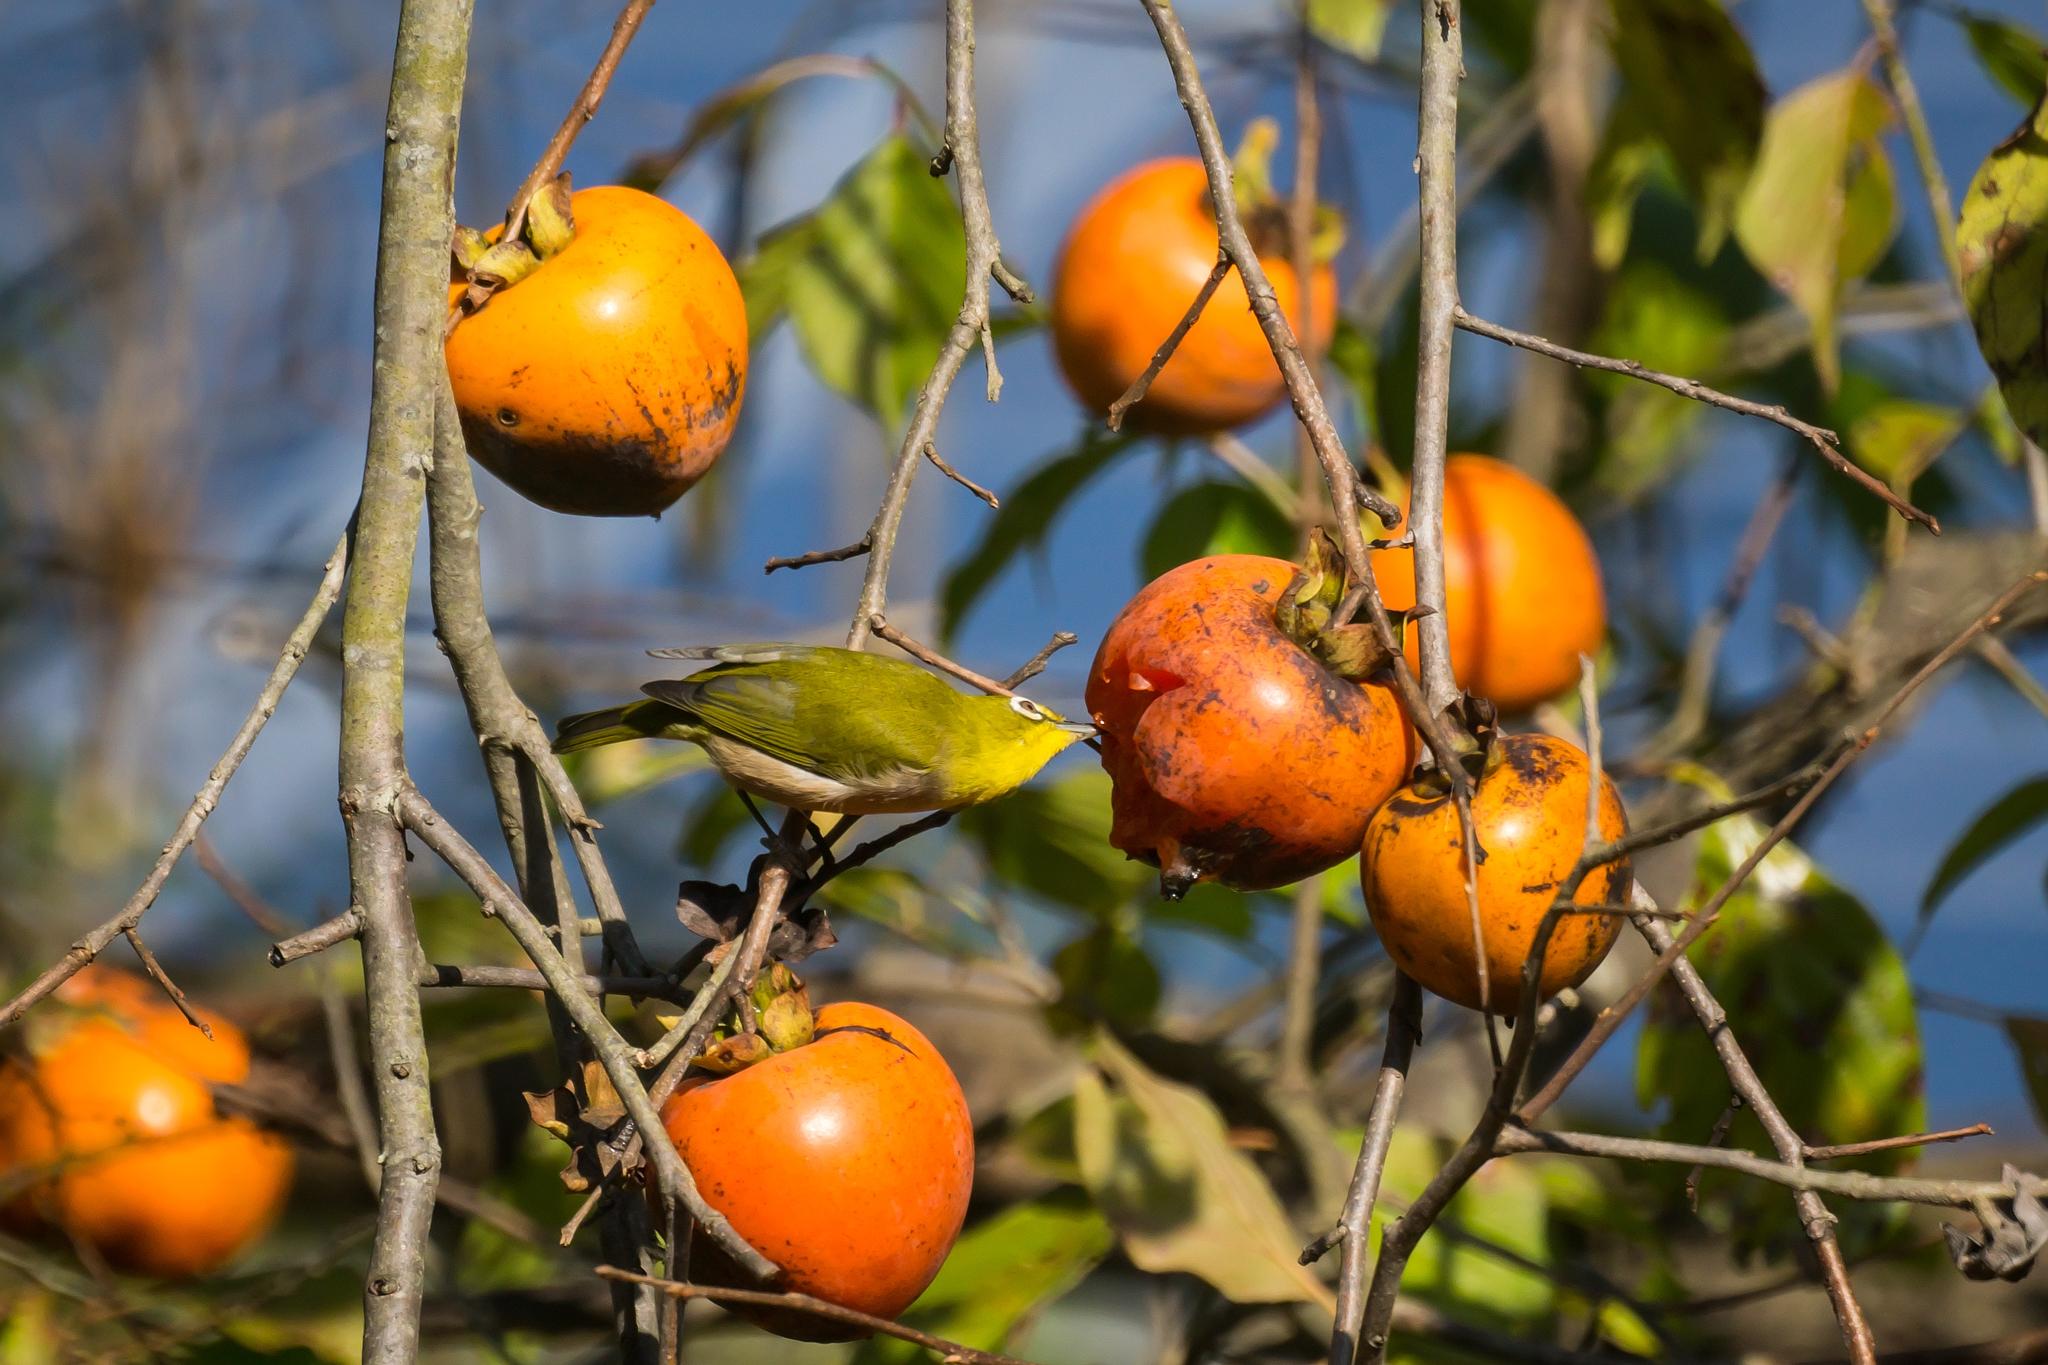 柿を食べるメジロさん (10Pic)